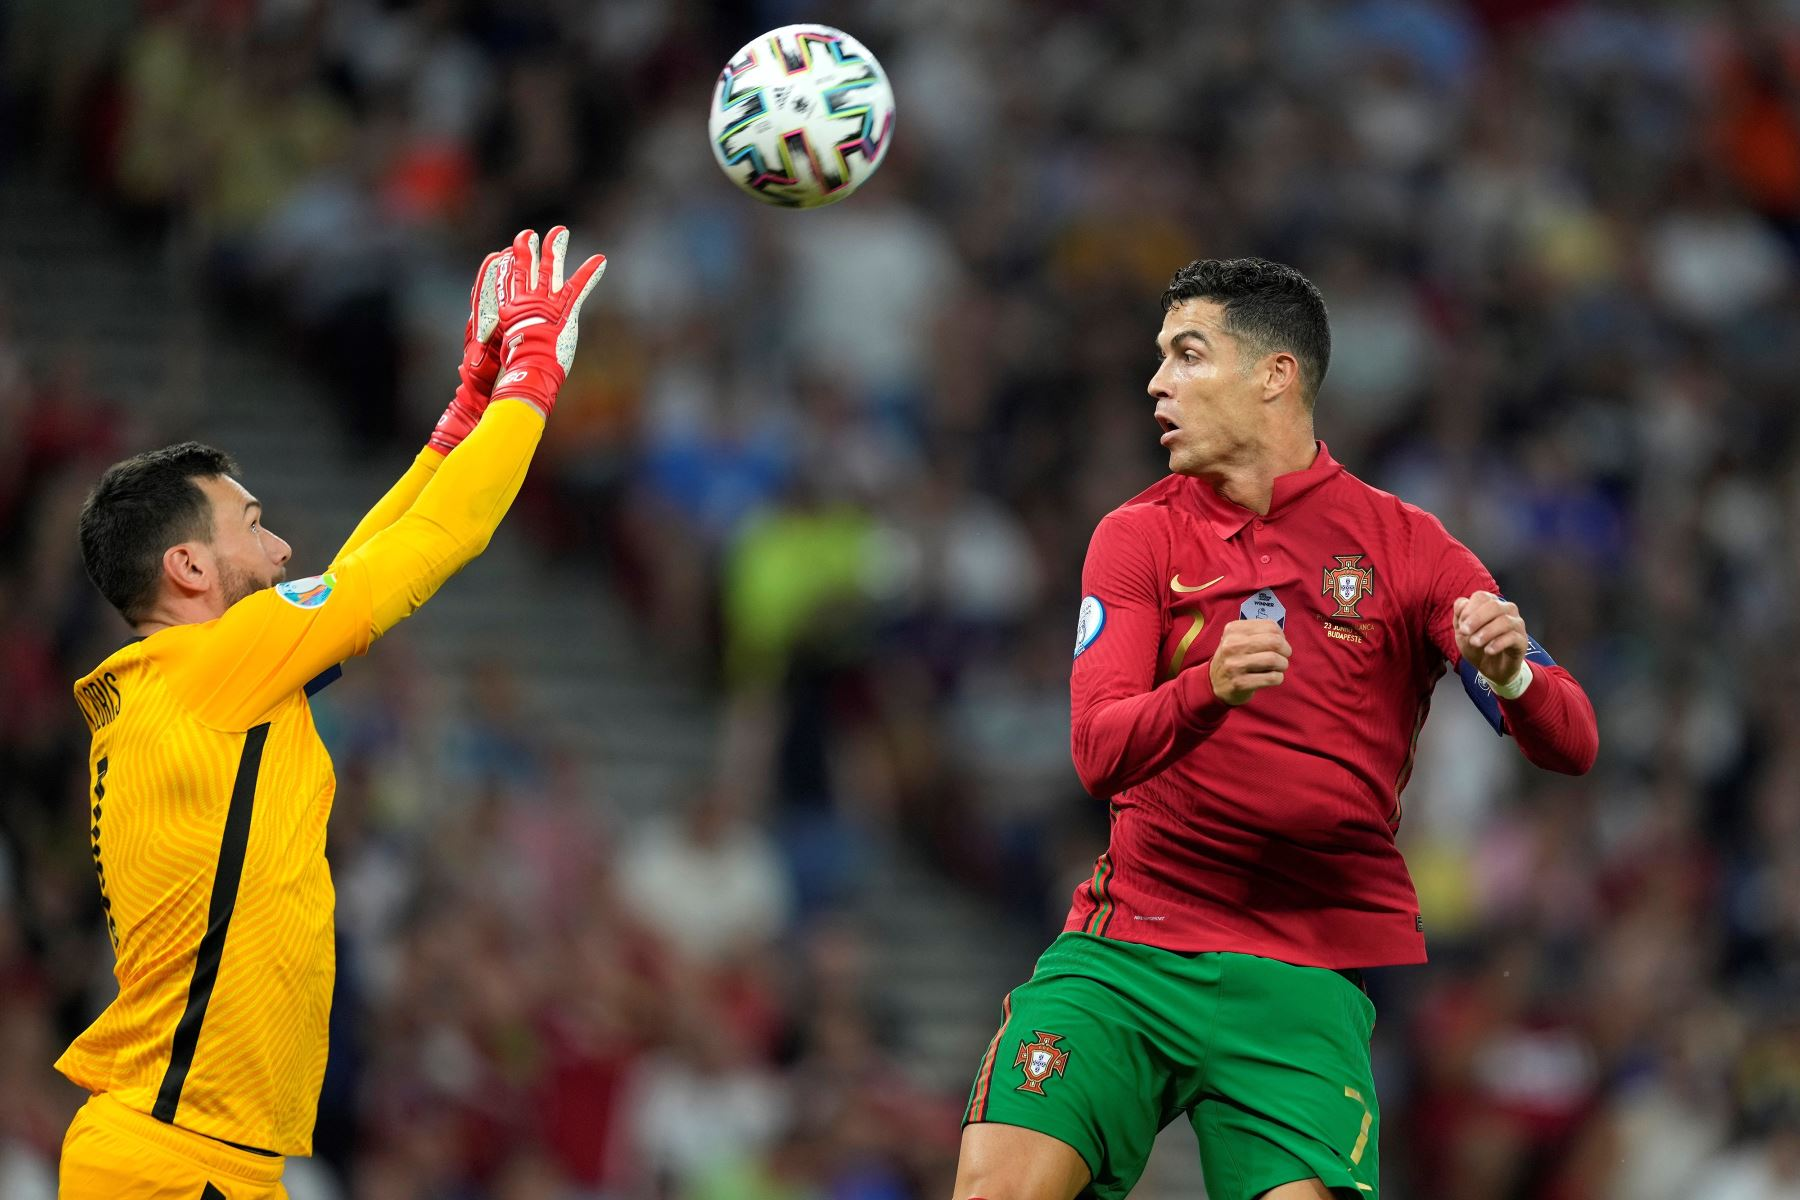 Cristiano Ronaldo de Portugal en acción contra Hugo Lloris de Francia durante el partido por la ronda preliminar del grupo F de la UEFA EURO 2020, en Budapest, Hungría. Foto: EFE